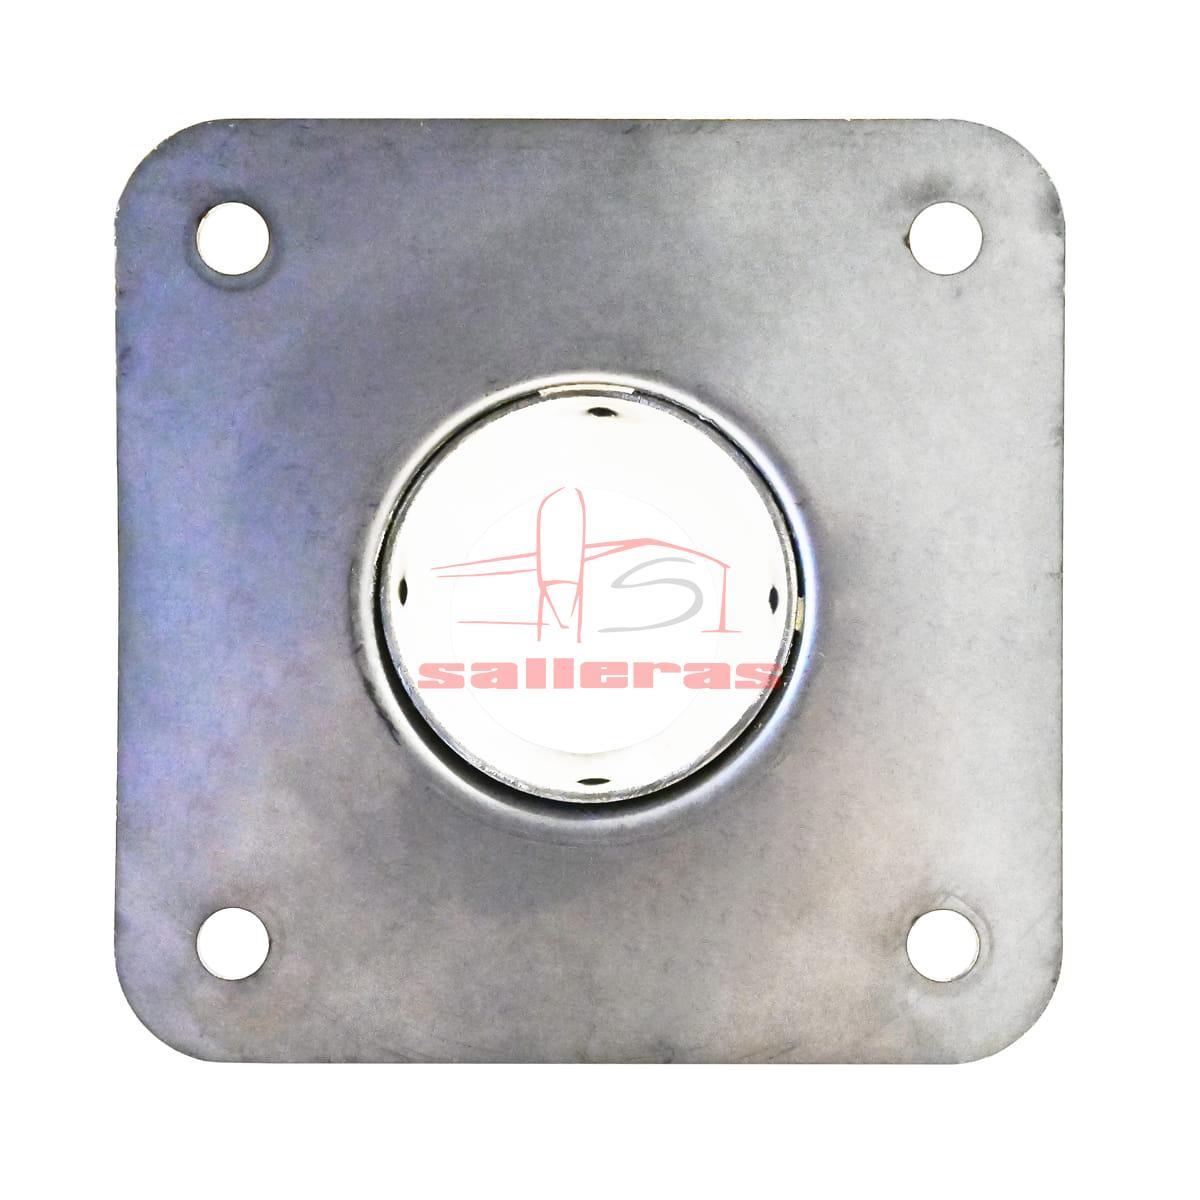 Manguito metalico de acero inoxidable con agujeros por debajo